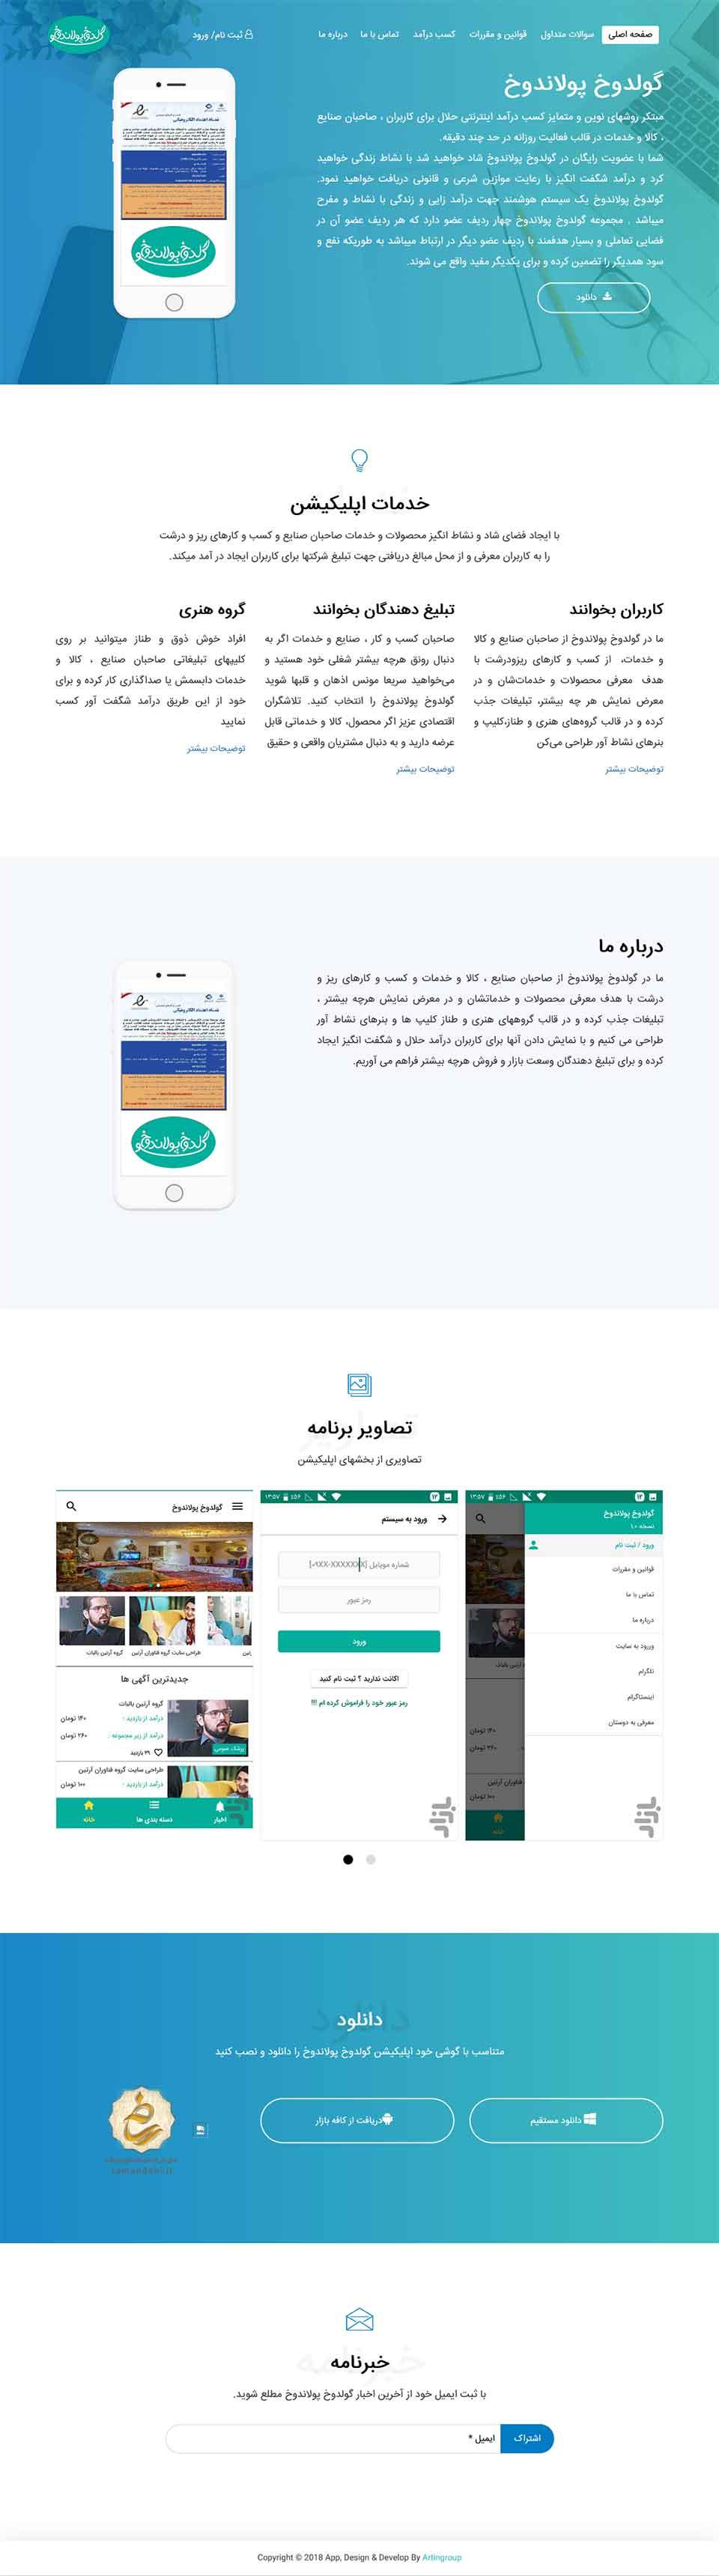 سایت و اپلیکیشن معرفی کسب و کار و درآمدزایی